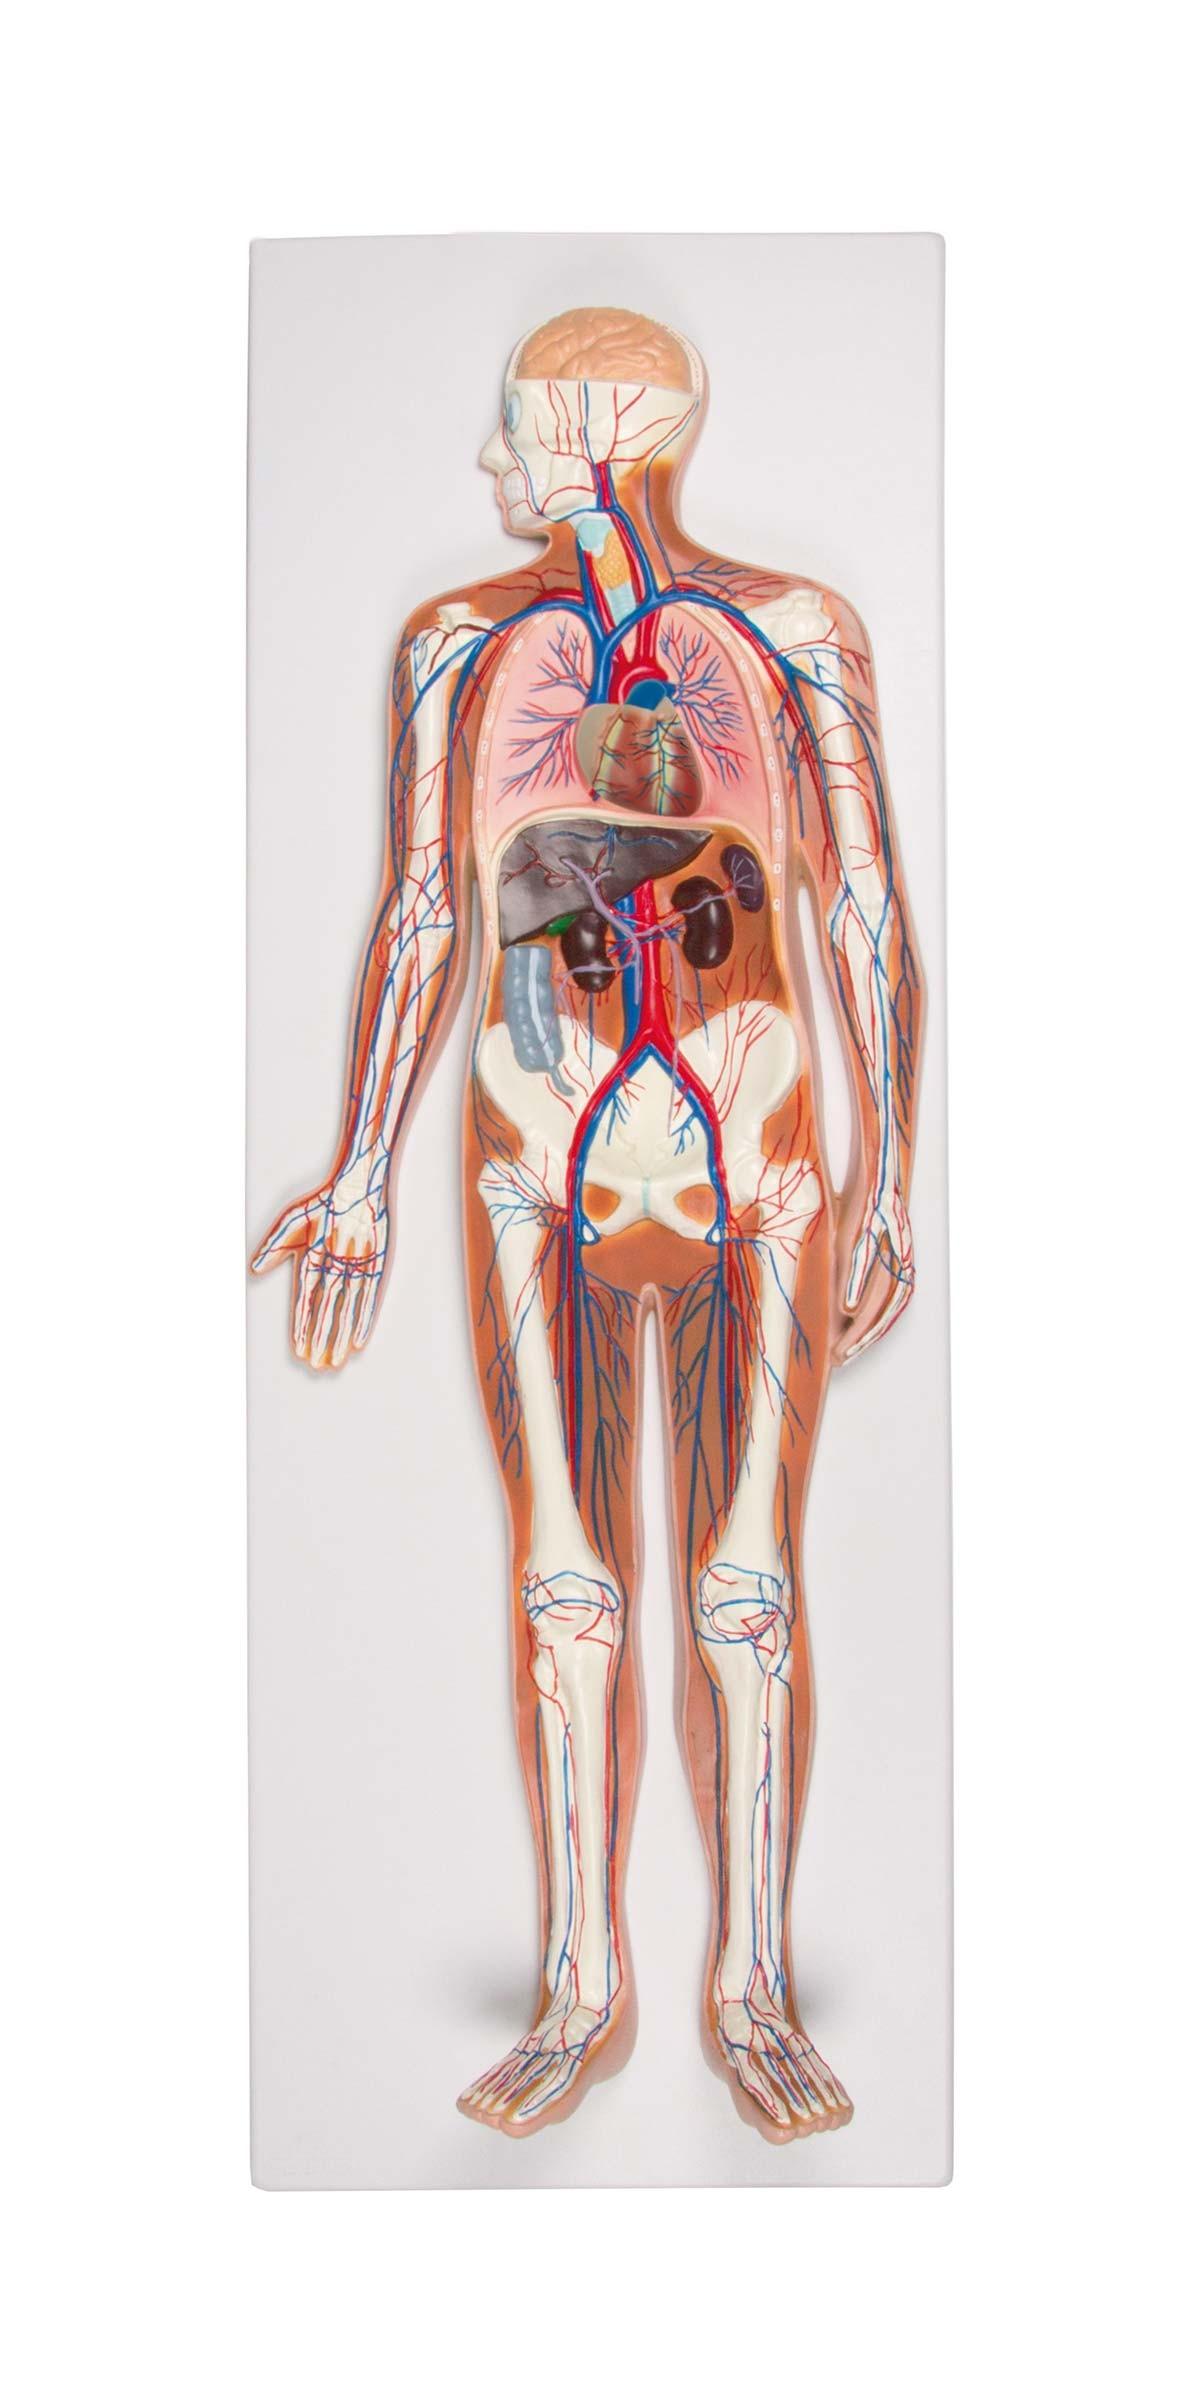 Blutkreislauf Reliefmodell, ½ natürliche Größe, 2-teilig